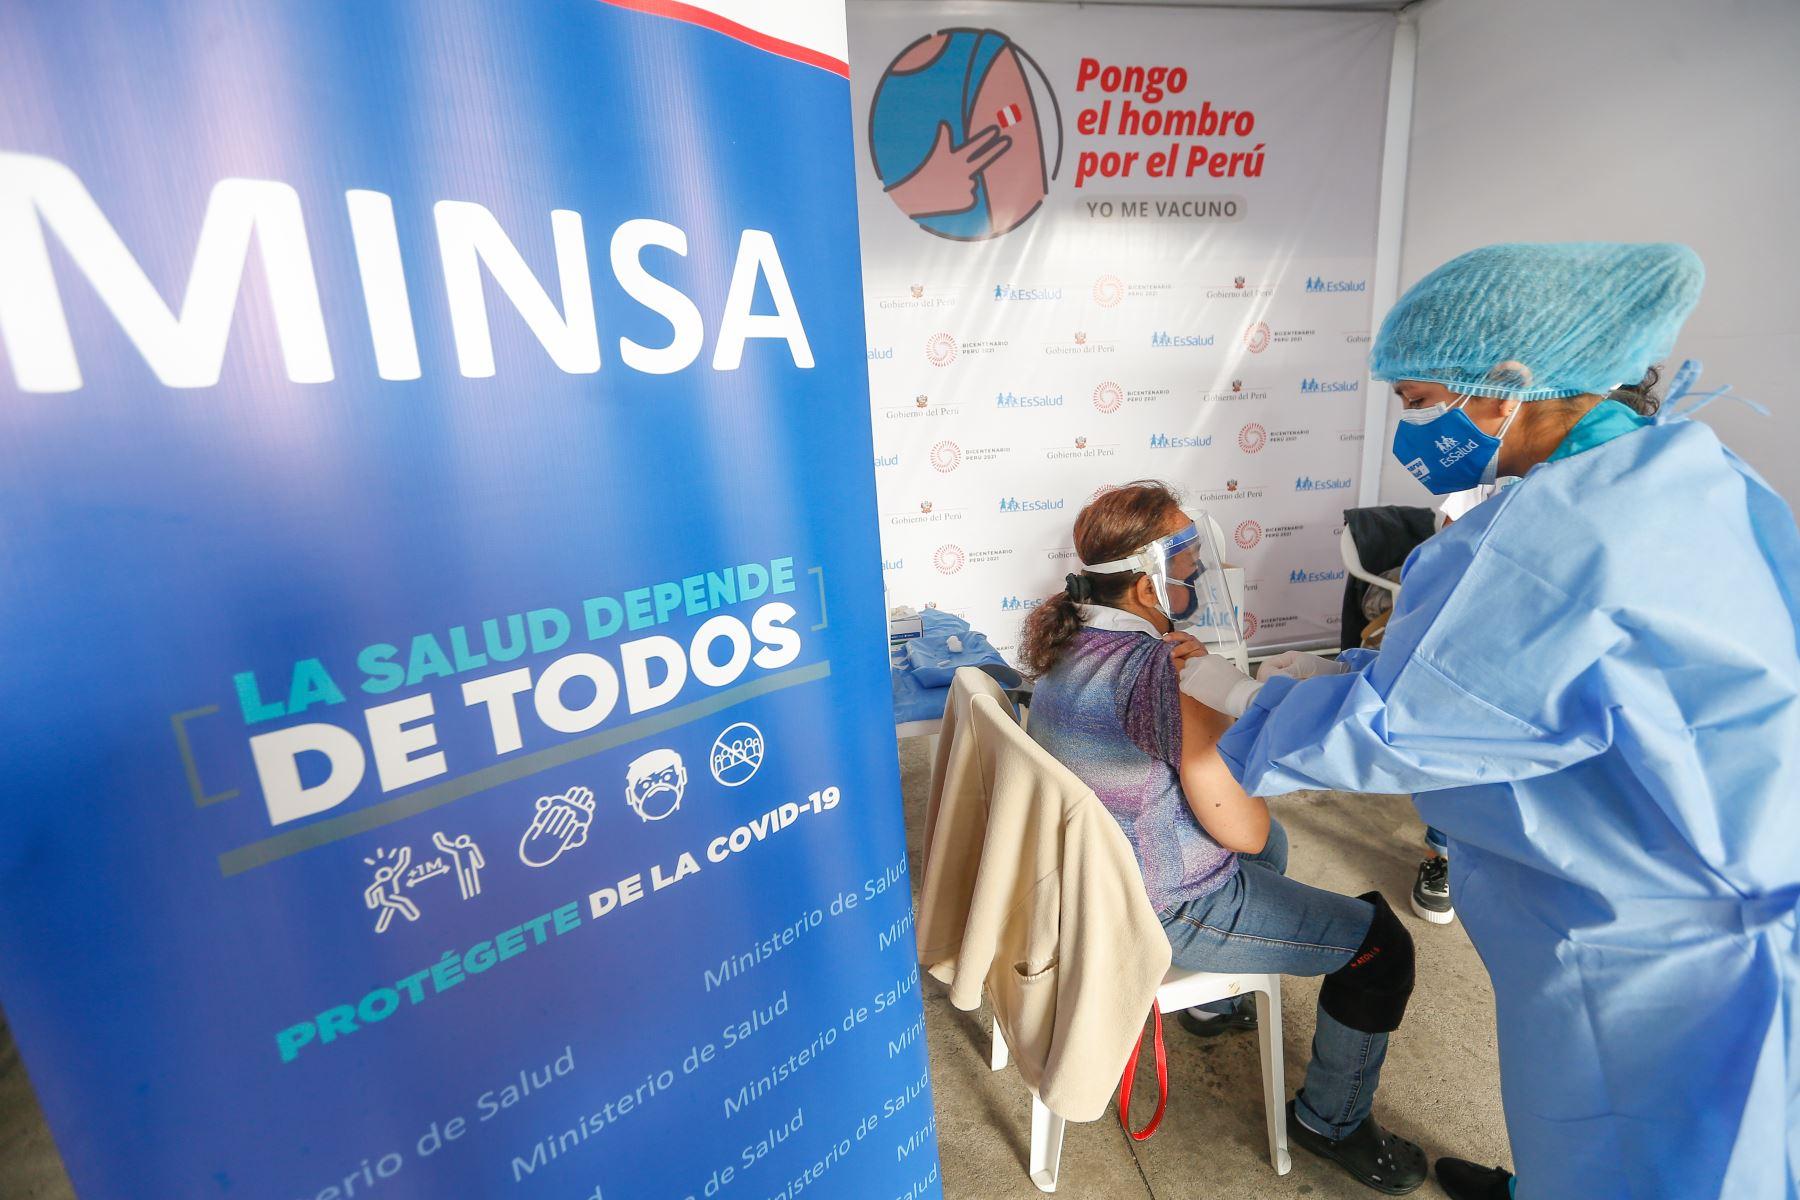 El ministro de Salud, Óscar Ugarte, junto a la presidenta de EsSalud, Fiorella Molinelli, supervisan el inicio del proceso de vacunación contra la covid-19 a los pacientes que reciben tratamiento de hemodiálisis. Foto: Minsa